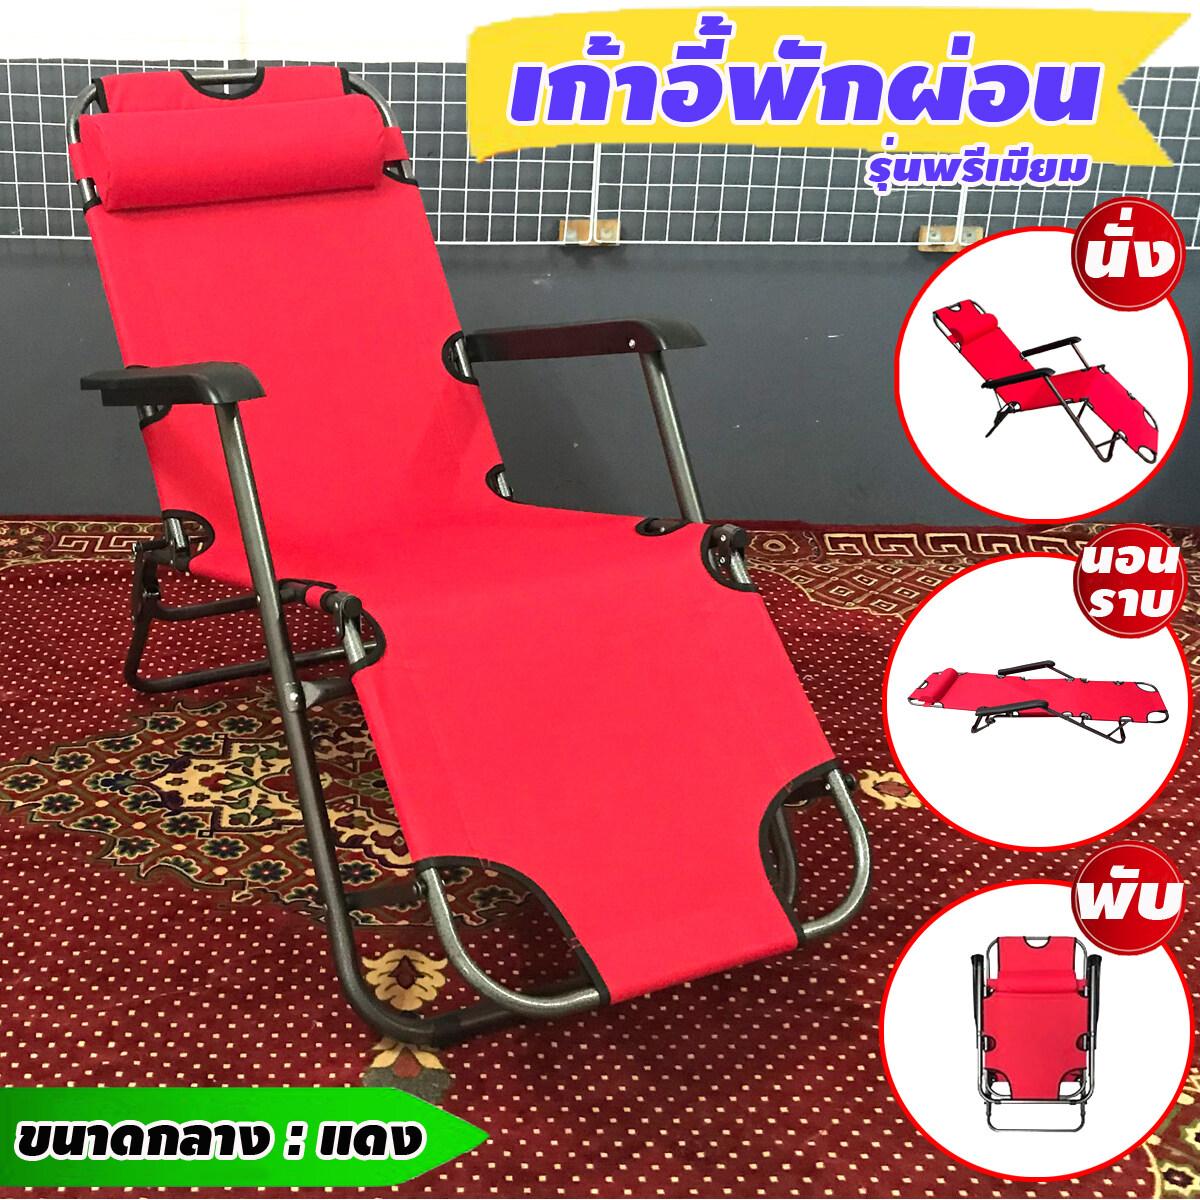 เก้าอี้พักผ่อน ขนาดกลาง ปรับเอนนอนได้ ปรับนอนราบได้ พับเก็บได้ เก้าอี้ปรับเป็นเตียงสนาม เก้าอี้ปรับระดับ เก้าอี้ปรับเอนนอน เก้าอี้ปรับนั่งนอนเอนกประสงค์ น้ำหนักเบา พกพาง่าย.